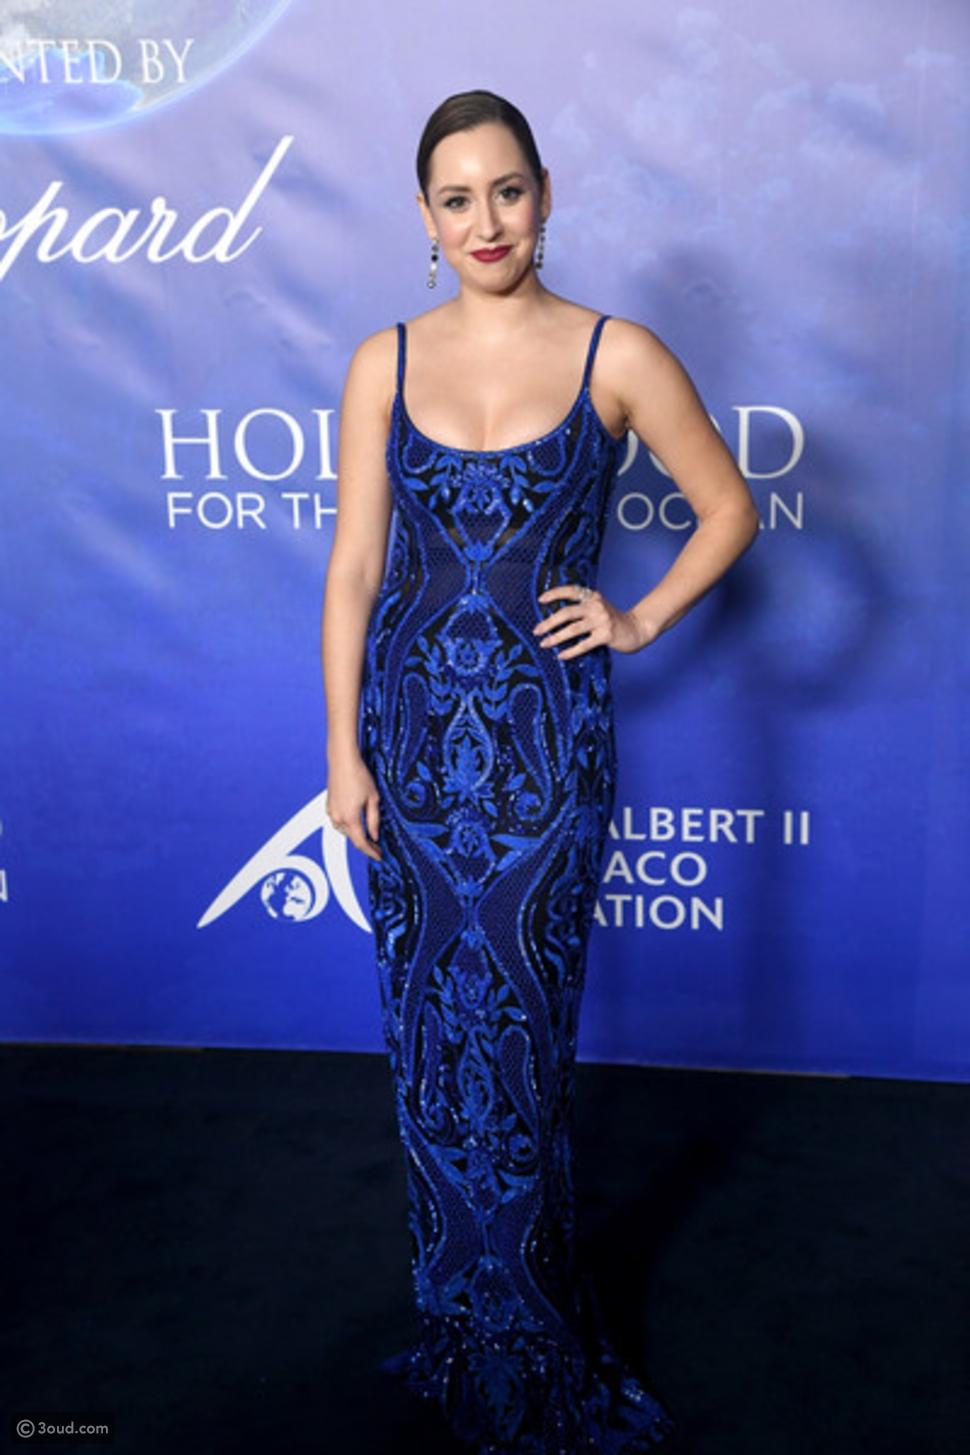 إبنة ألبير دو موناكو  كالحورية في فستانها الأزرق